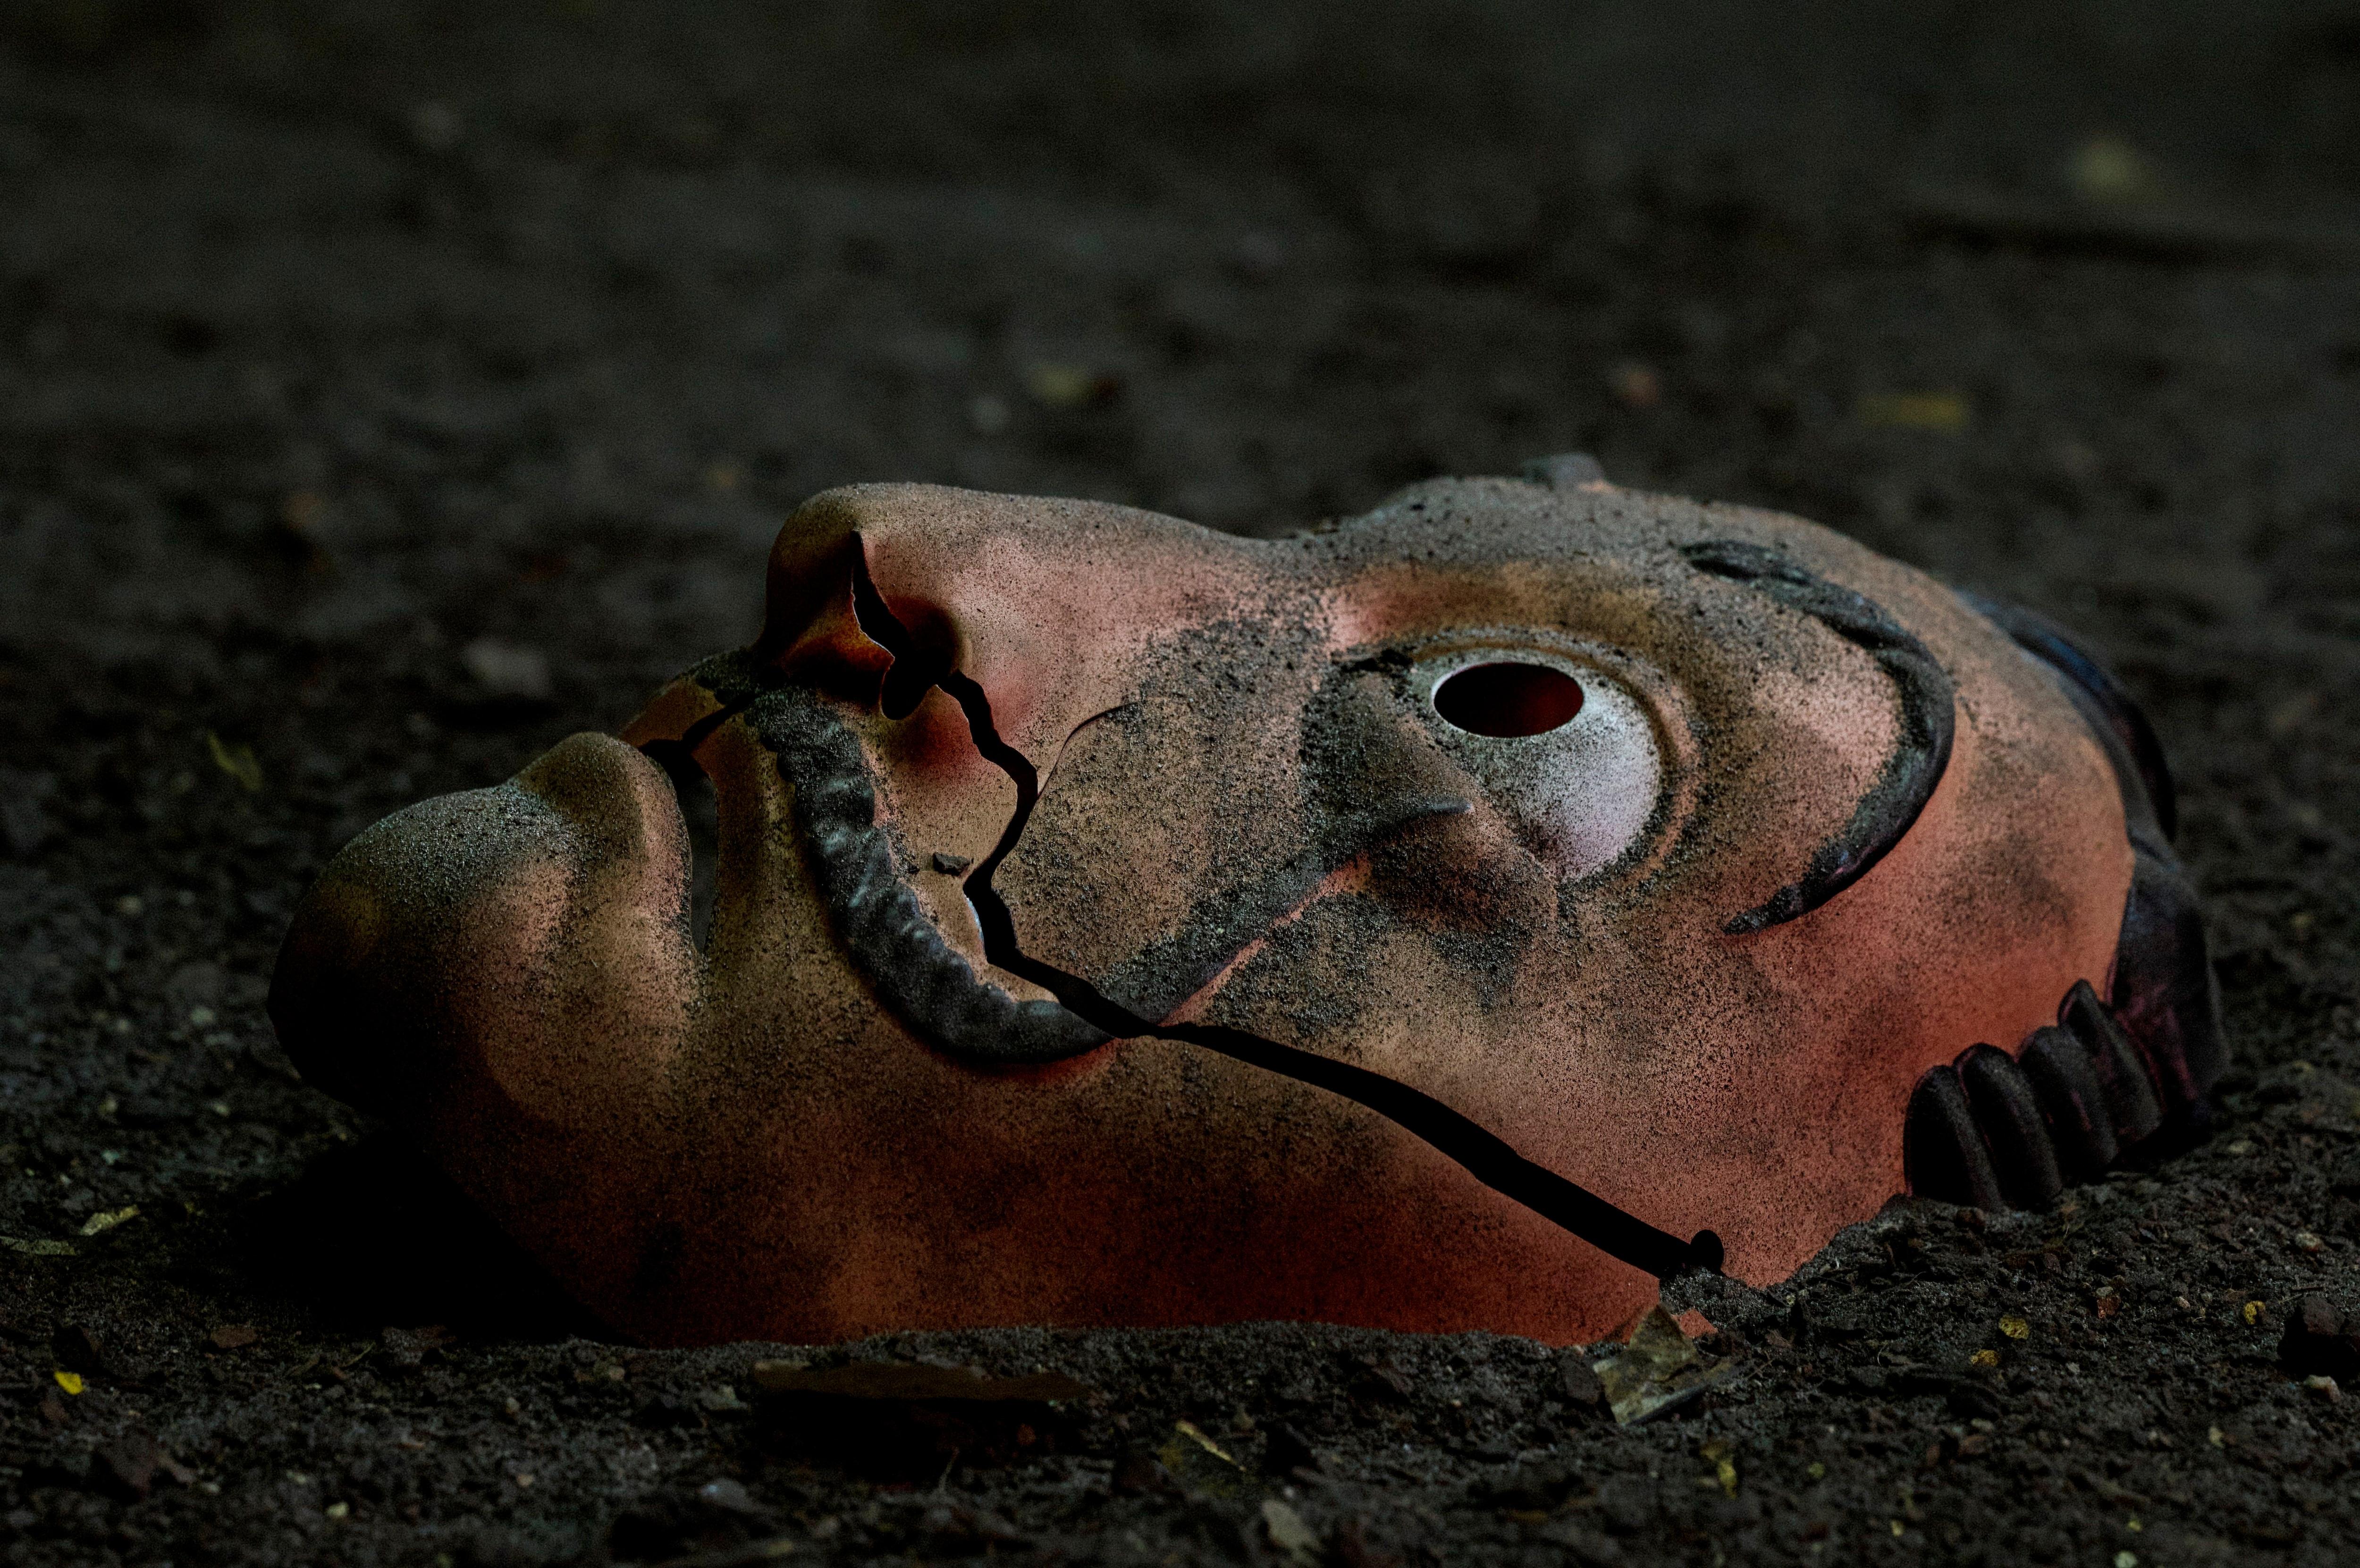 """Imagen de la quinta temporada de """"La casa de papel"""" que se estrenará en dos tandas, una septiembre y la otra en diciembre. Foto cedida por Netflix."""